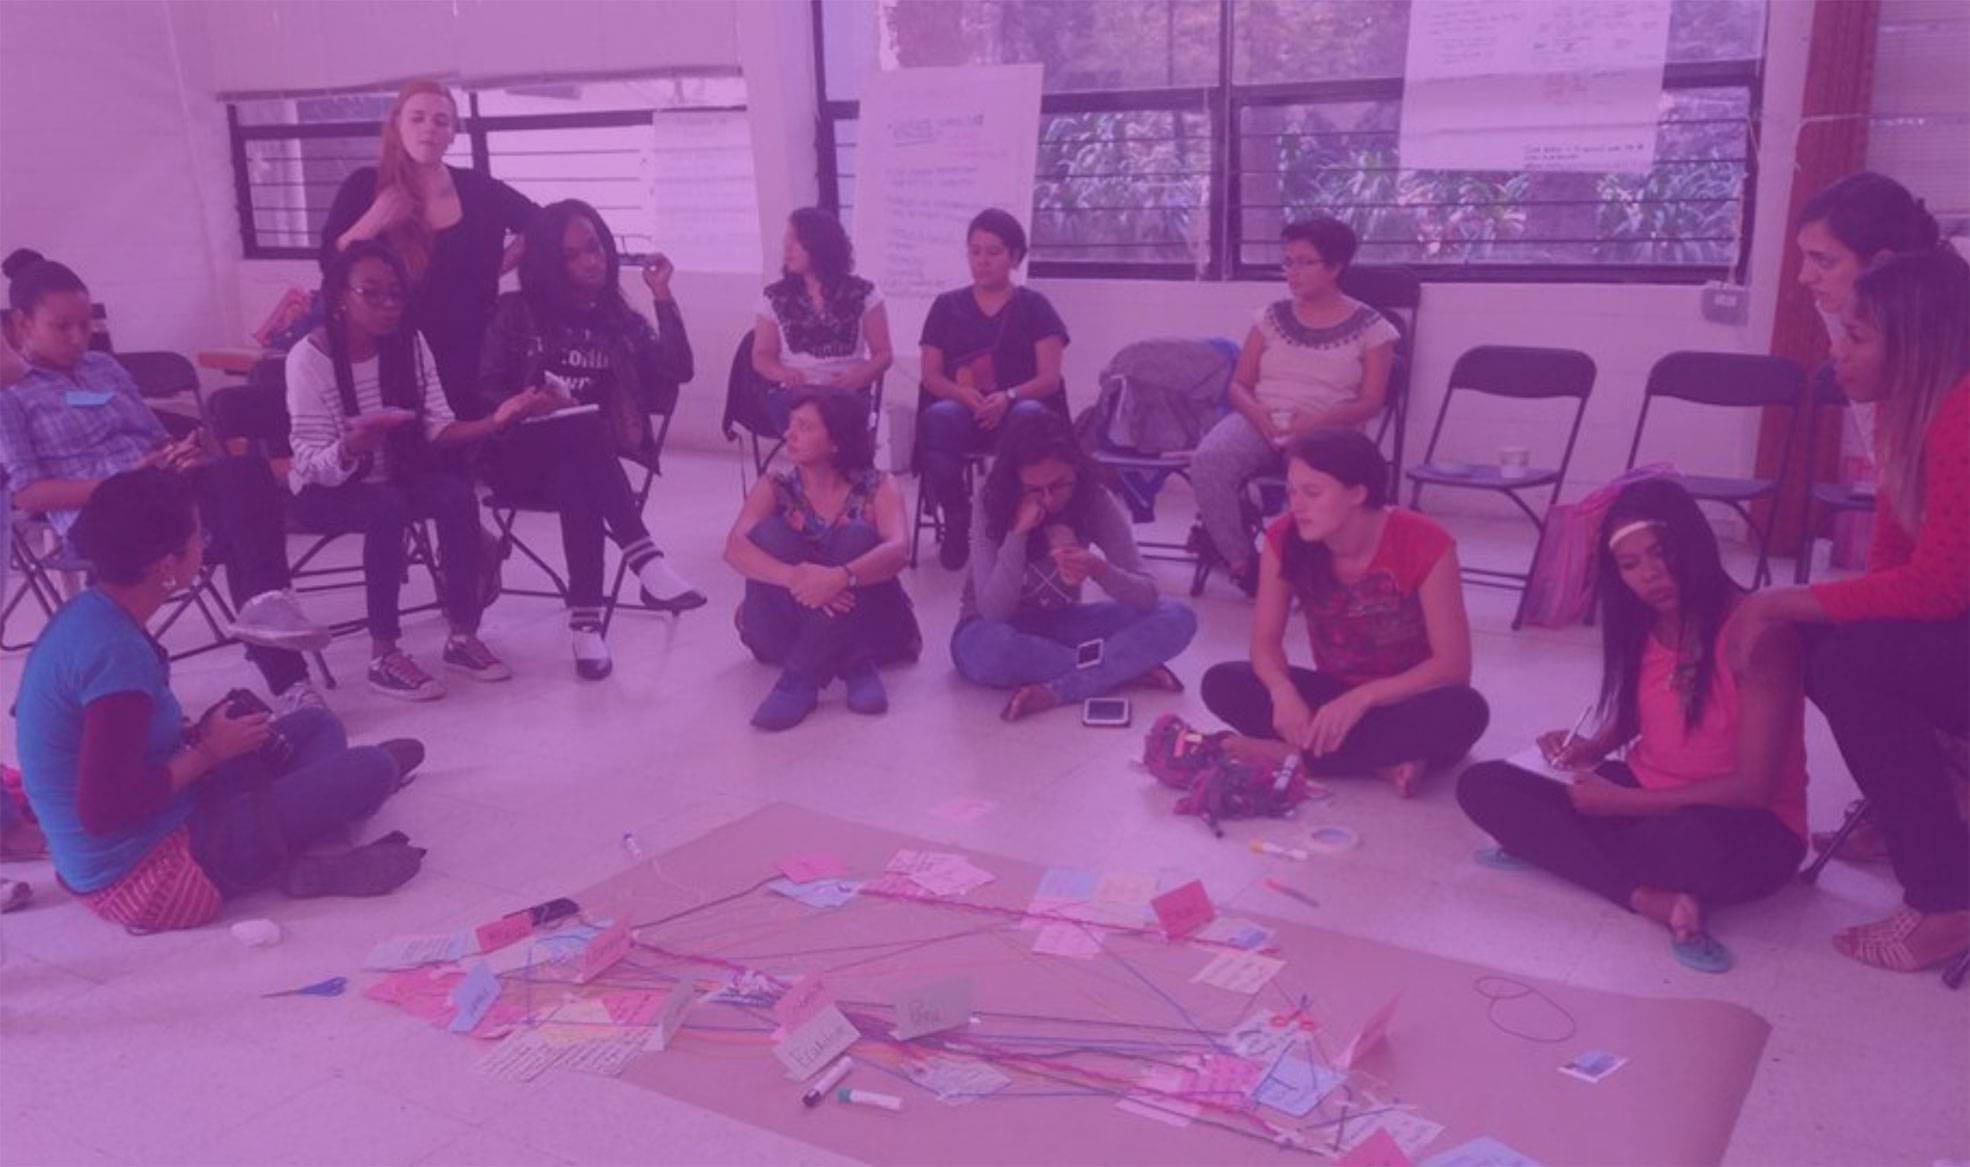 El modelo de concesión participativa de subvenciones empodera a mujeres jóvenes, chicas y jóvenes trans